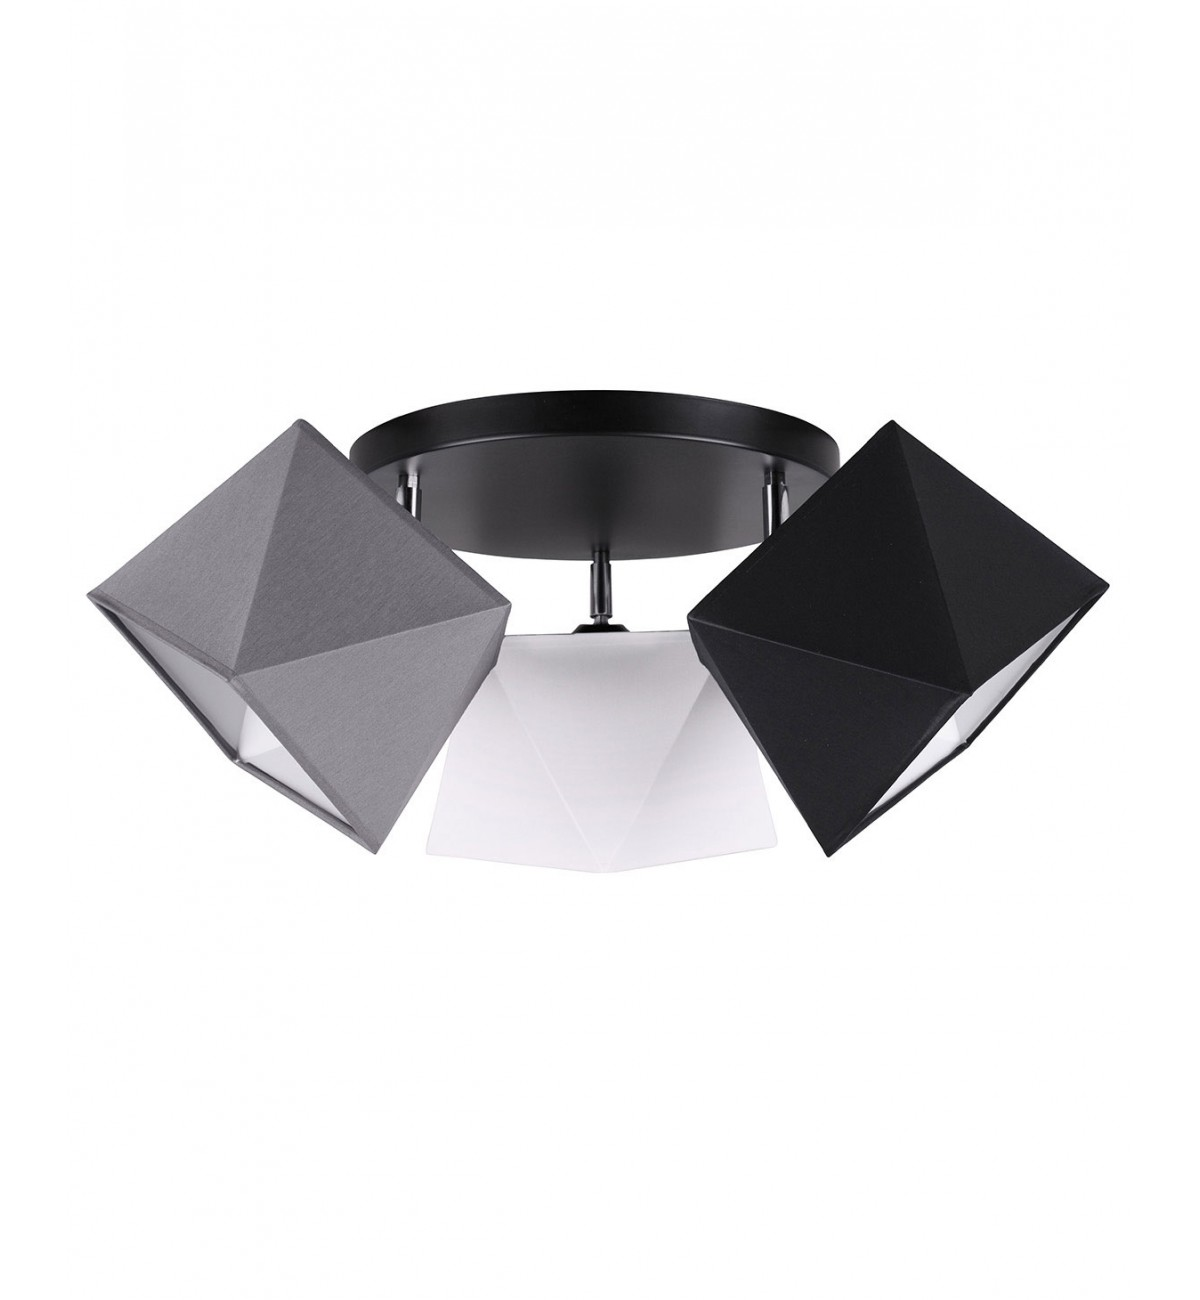 lampa sufitowa plafon abazury diament